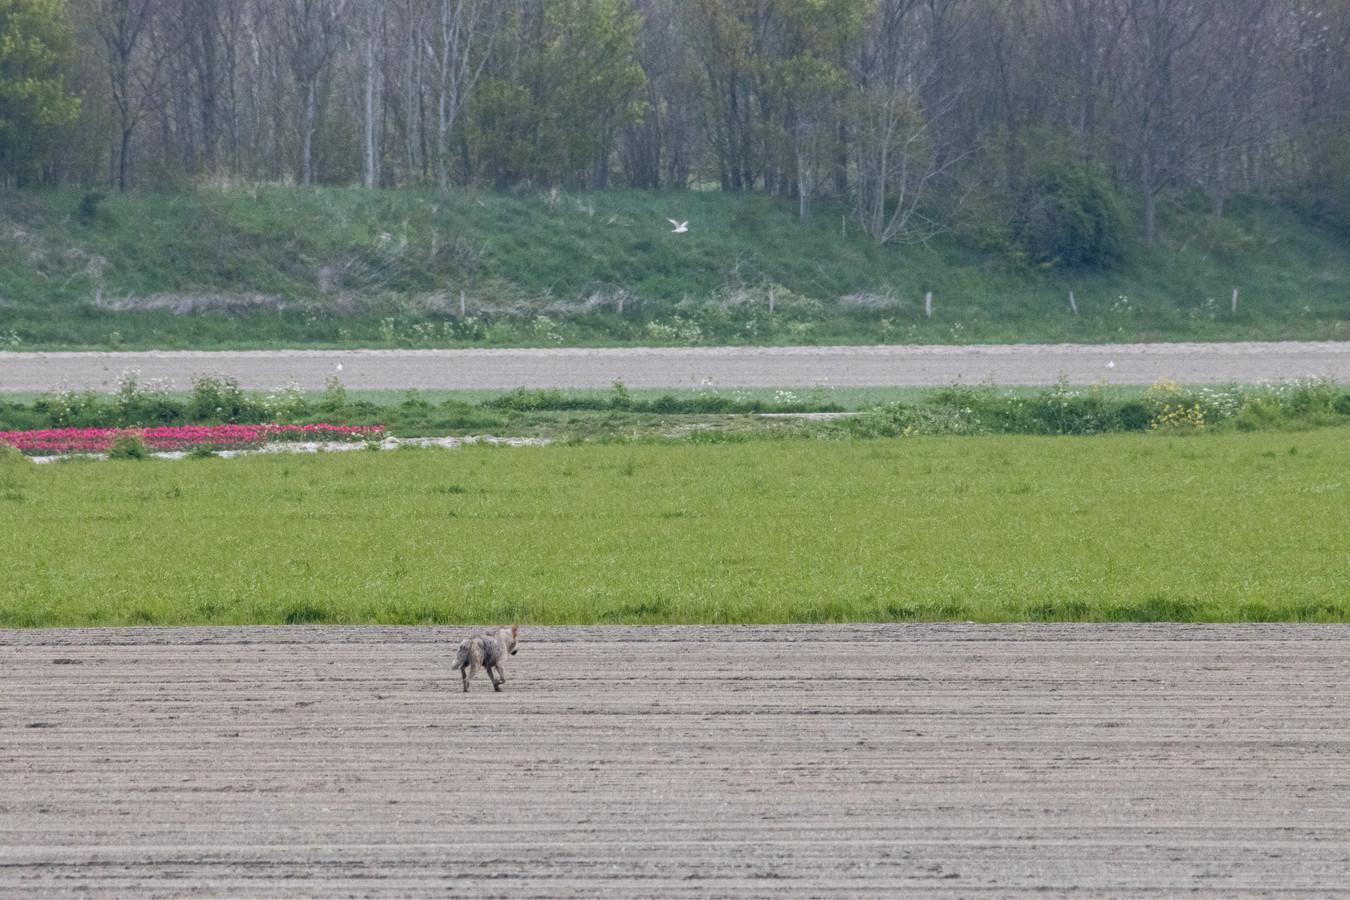 De wolf is zondag 25 april gefotografeerd bij Dinteloord in Nederland.